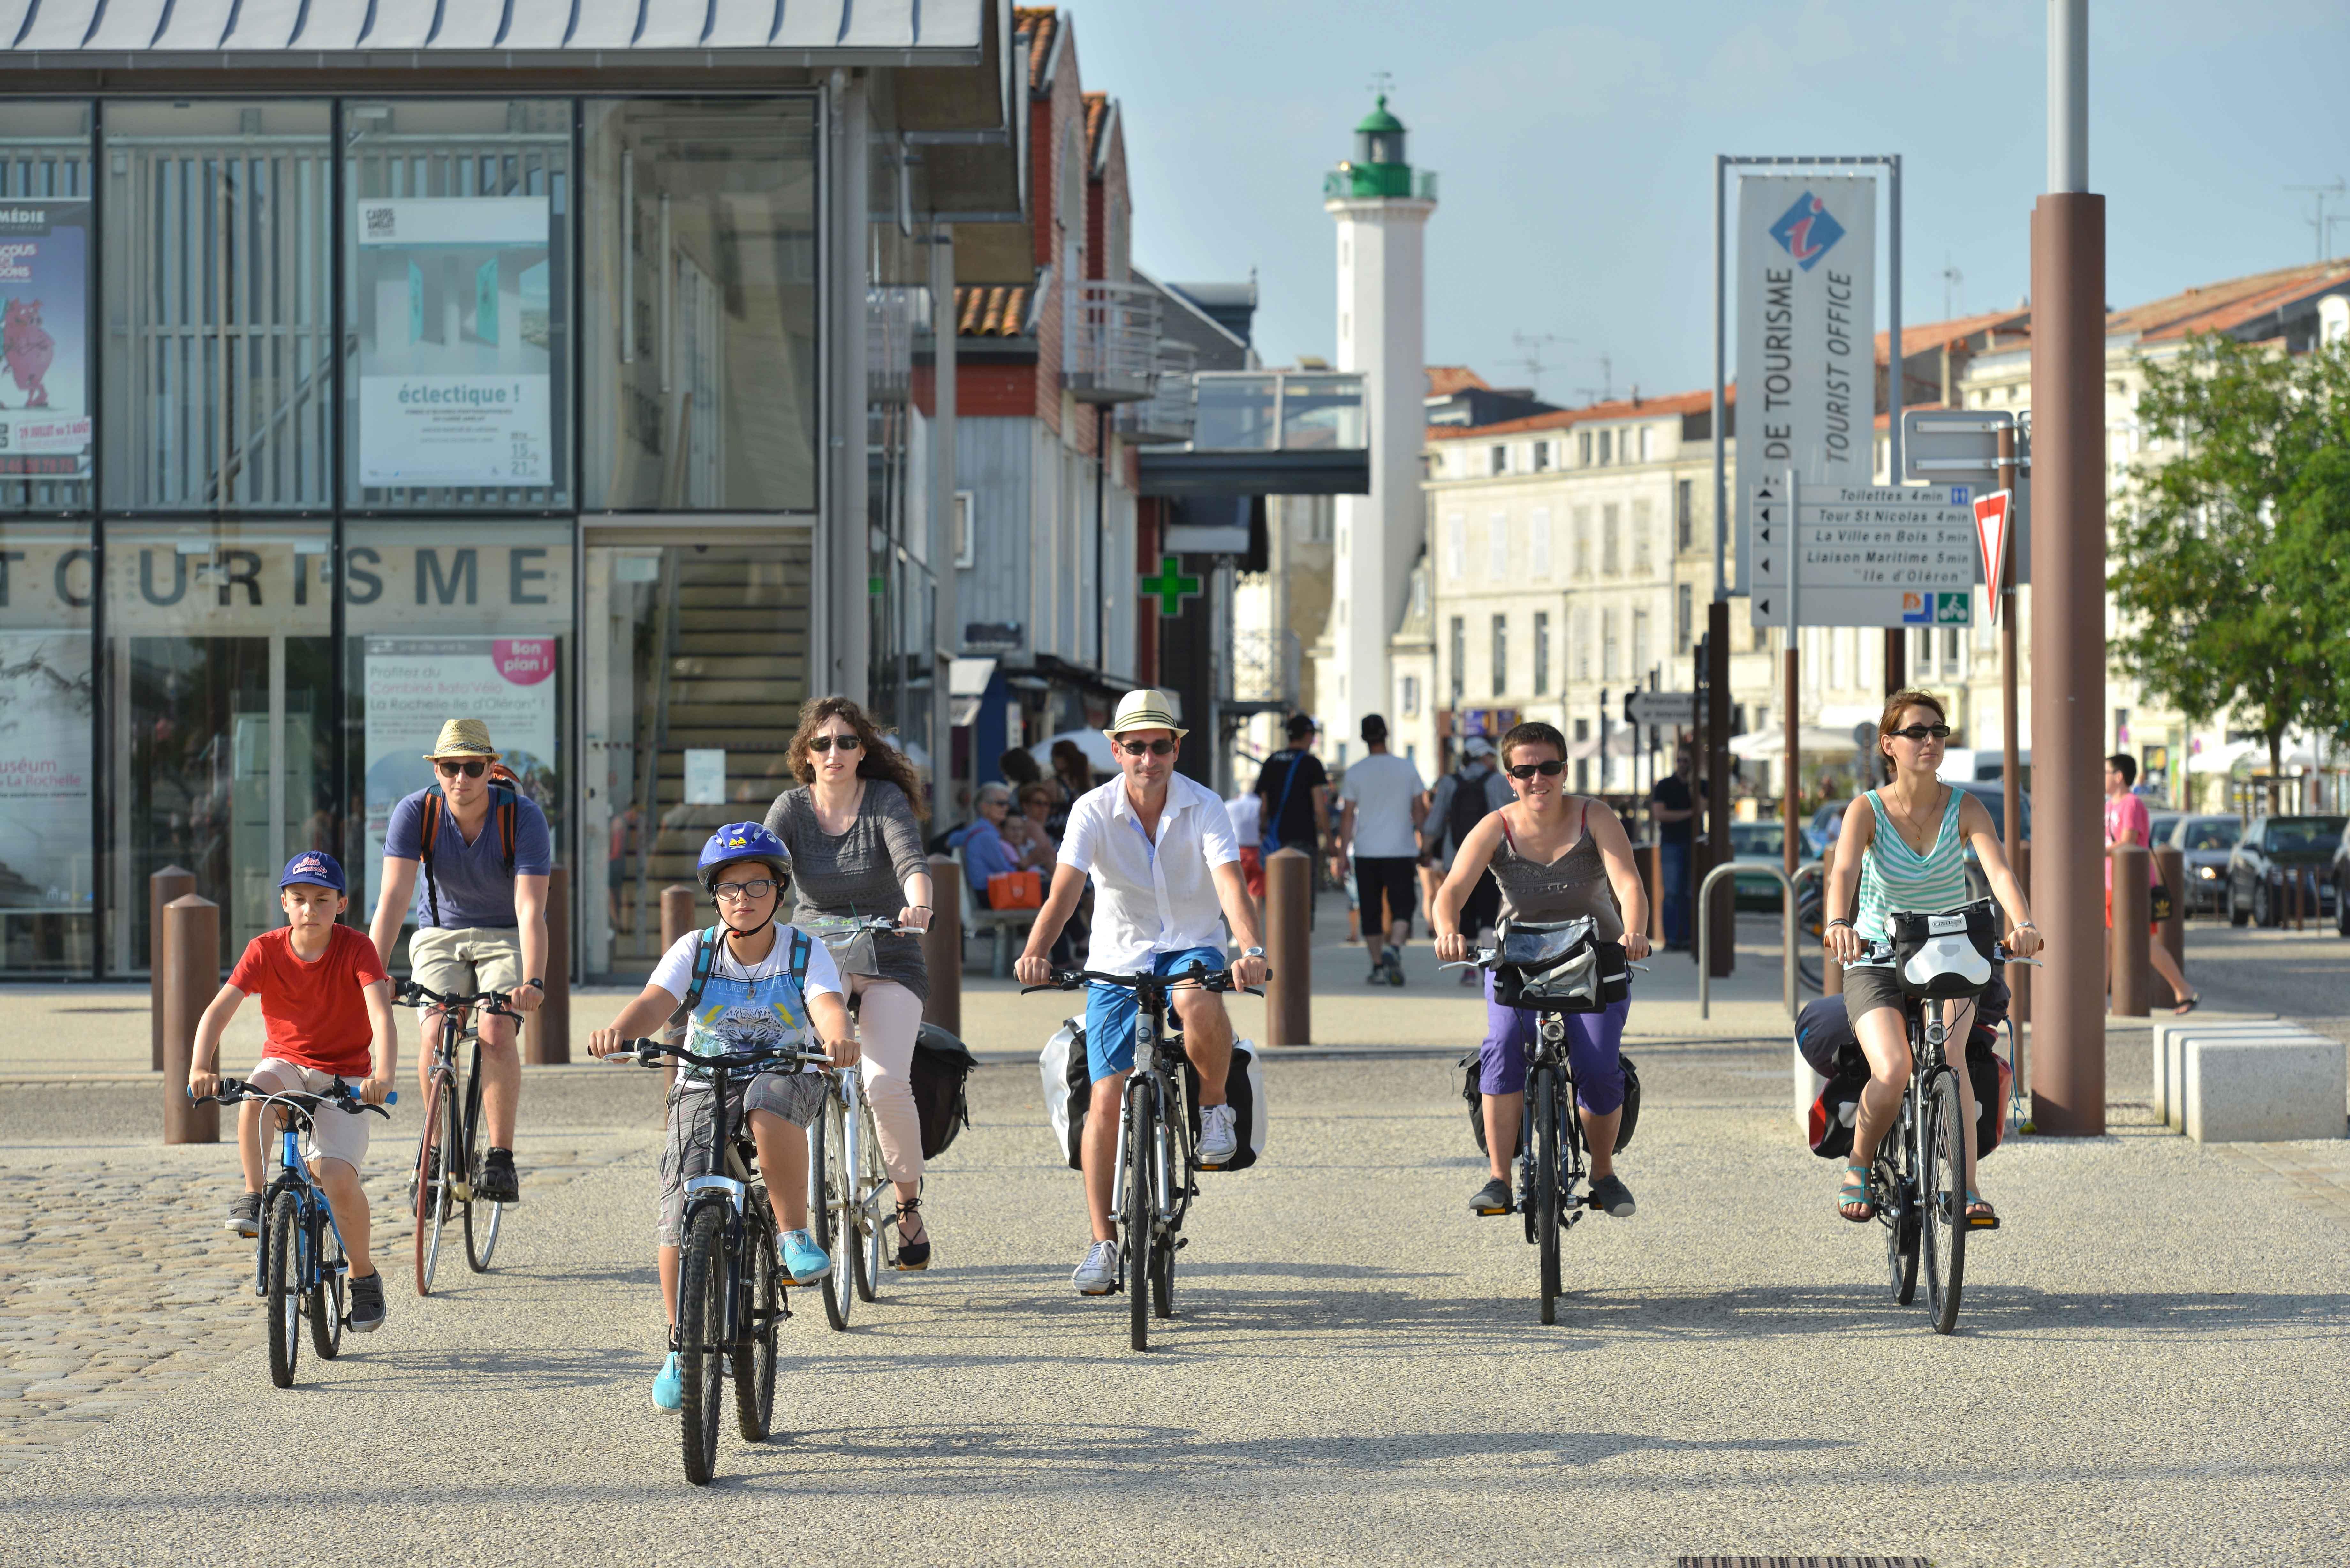 Barom tre des villes cyclables plus de 113 000 fran ais s expriment d partements r gions - Bureau vallee la rochelle ...